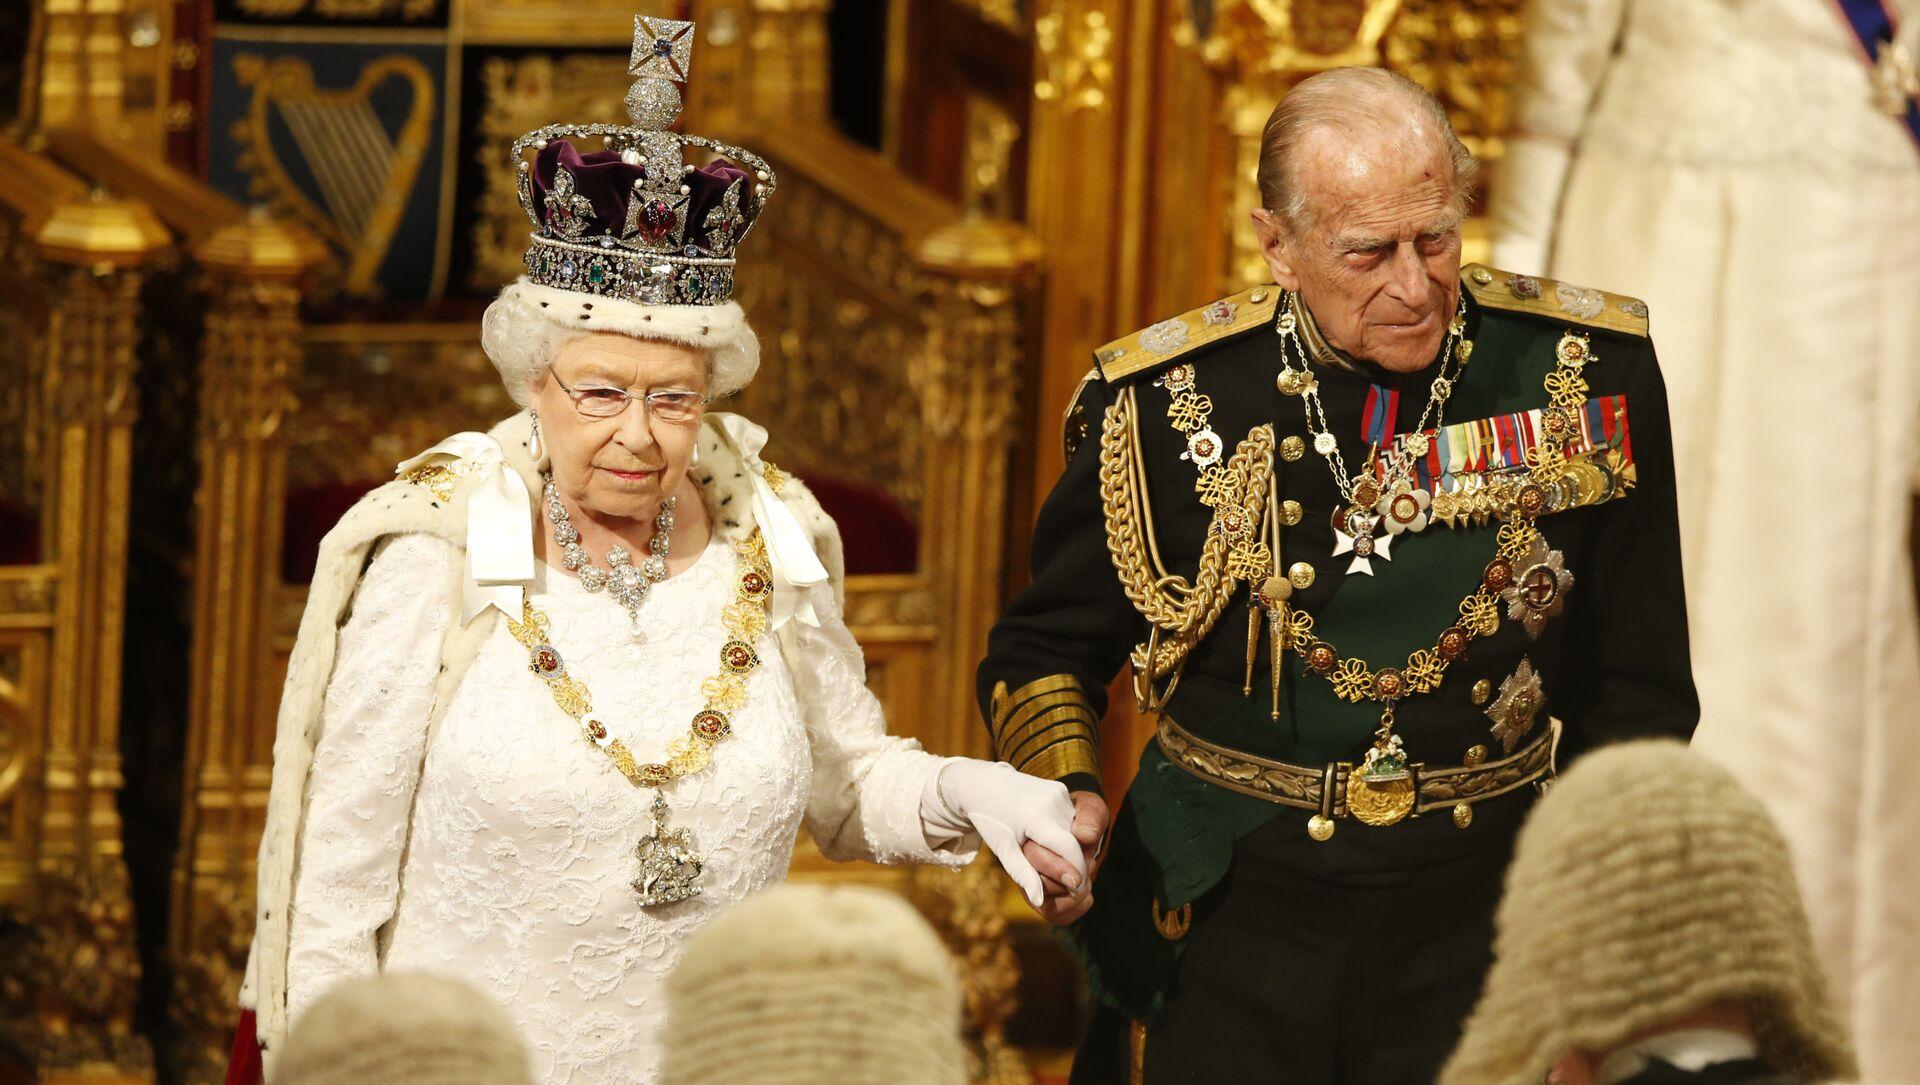 La Regina Elisabetta II e il suo sposo, Filippo di Edimburgo - Sputnik Italia, 1920, 17.02.2021